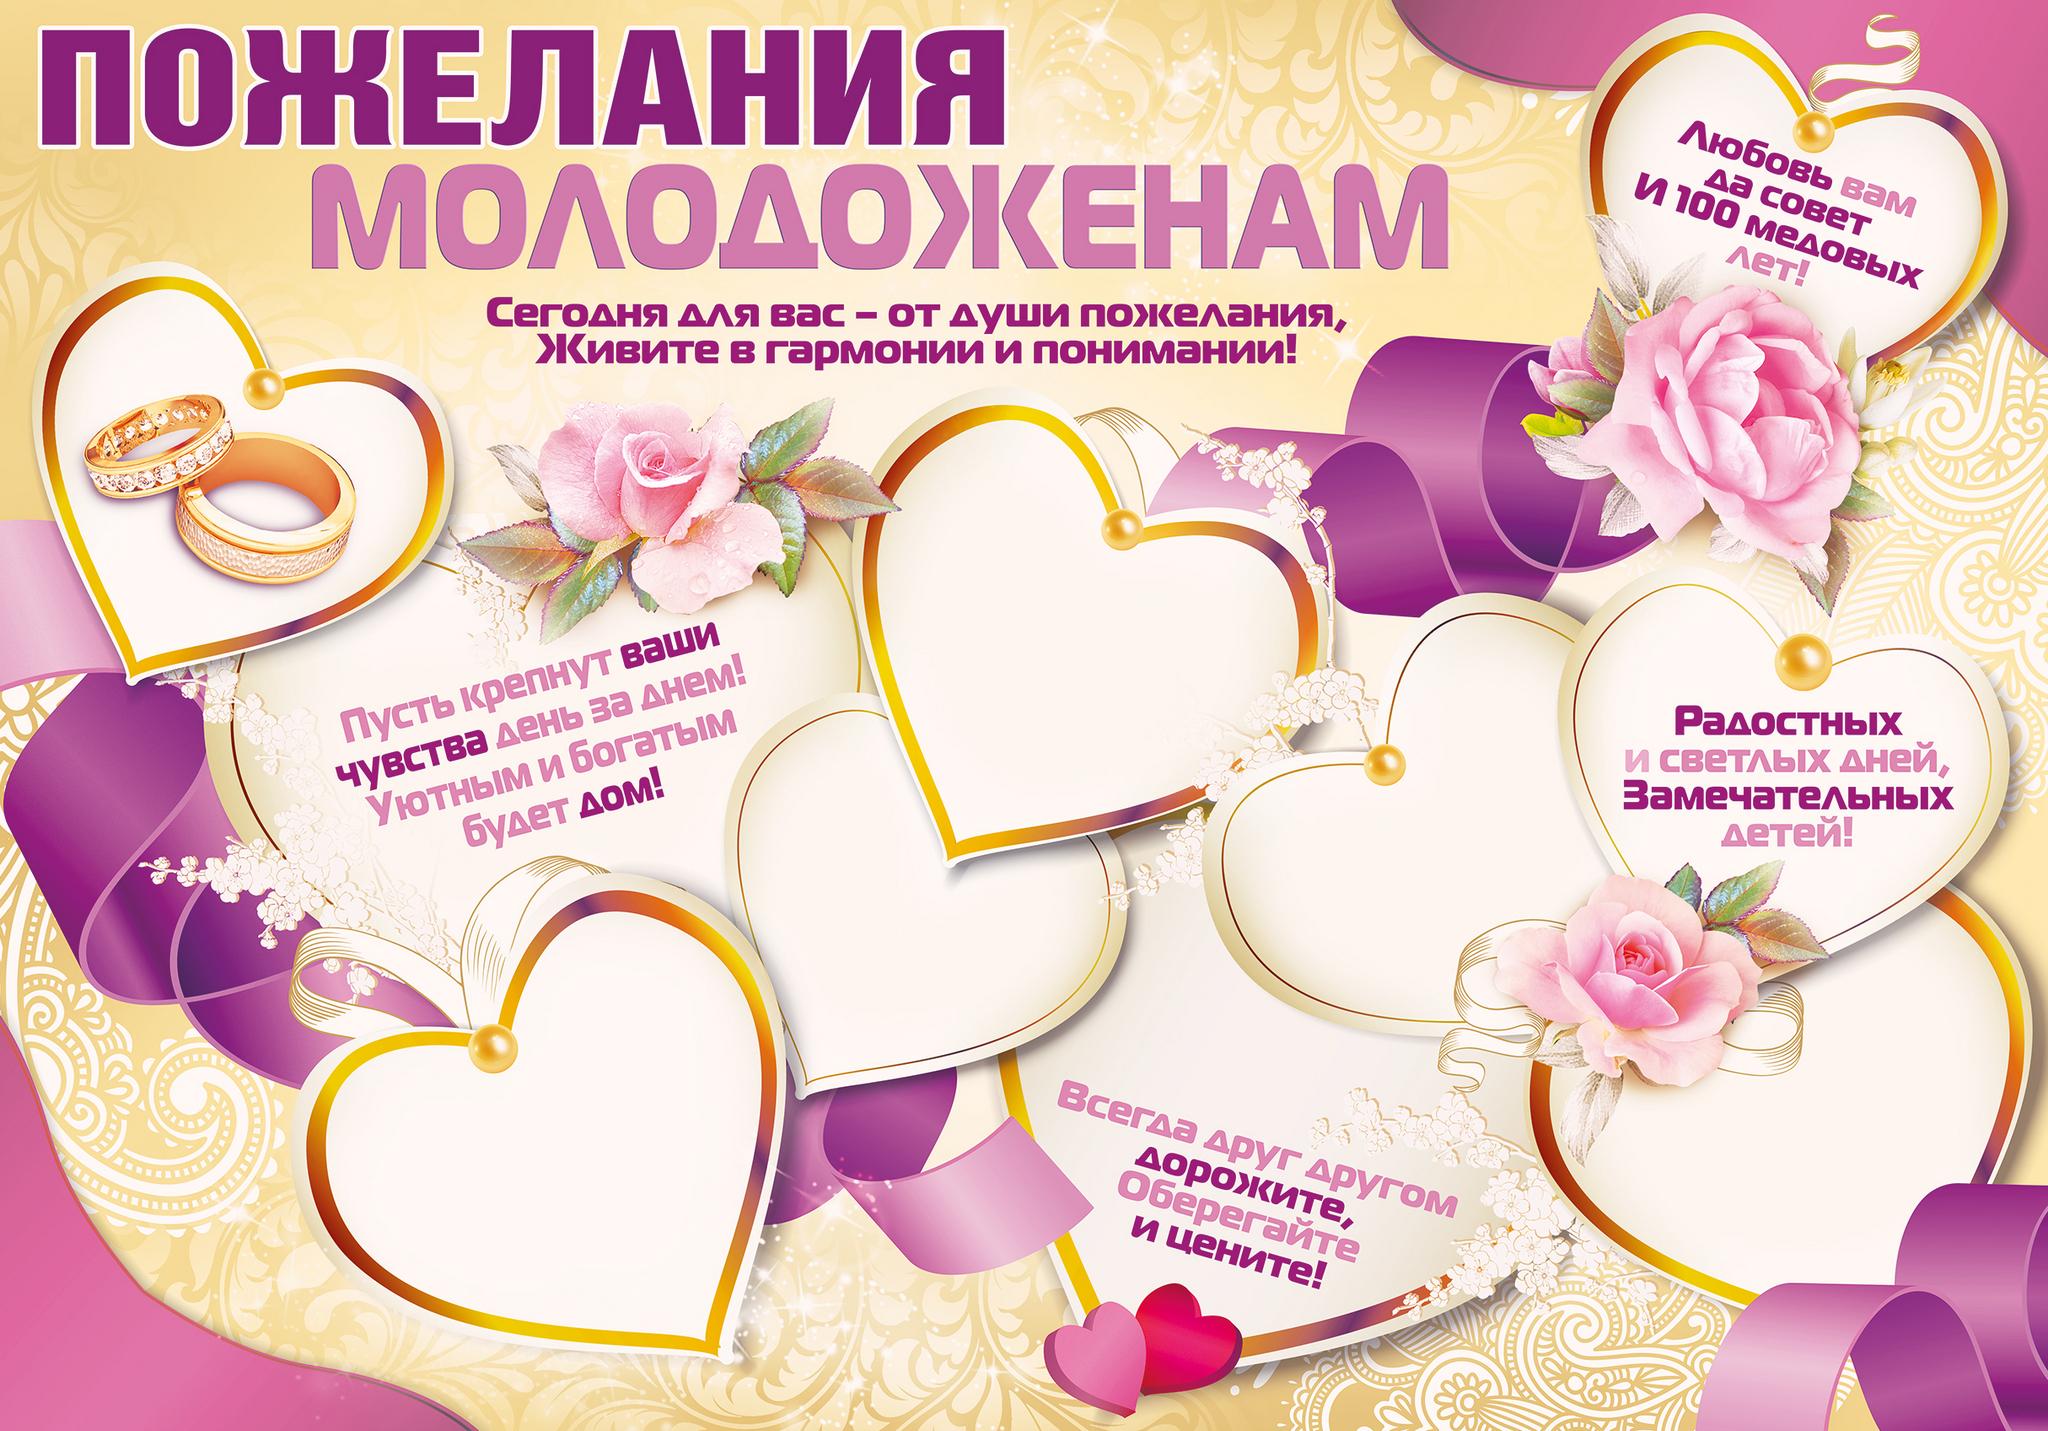 Поздравления молодожёнам в день свадьбы в стихах красивые фото 790